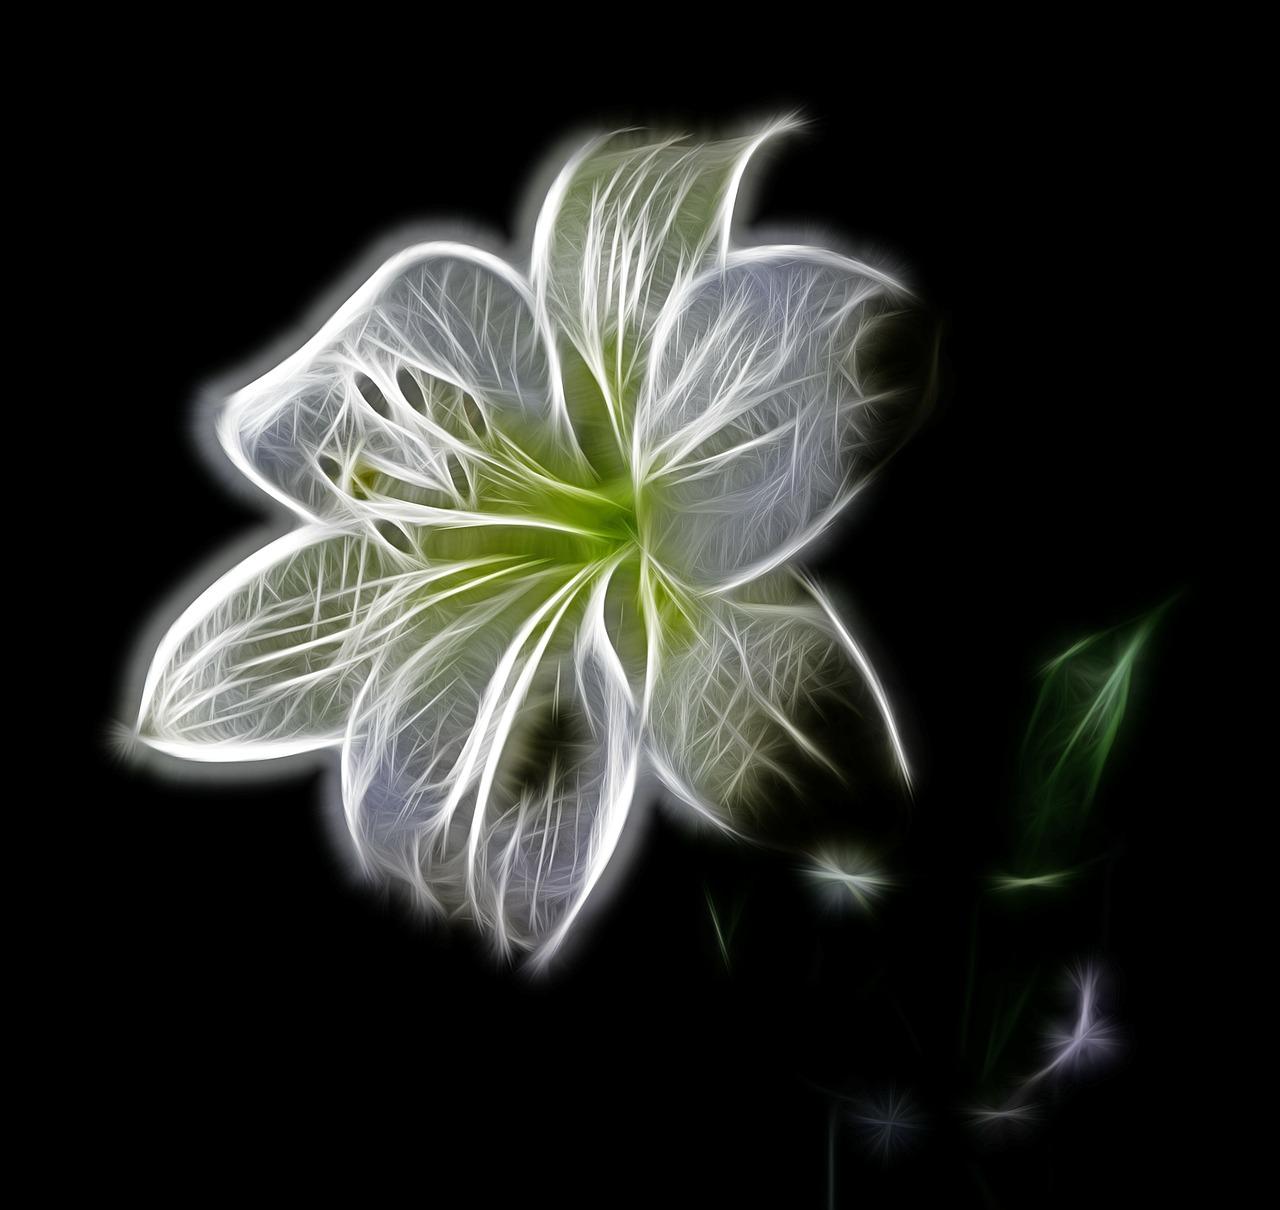 flor-blanca-brillante